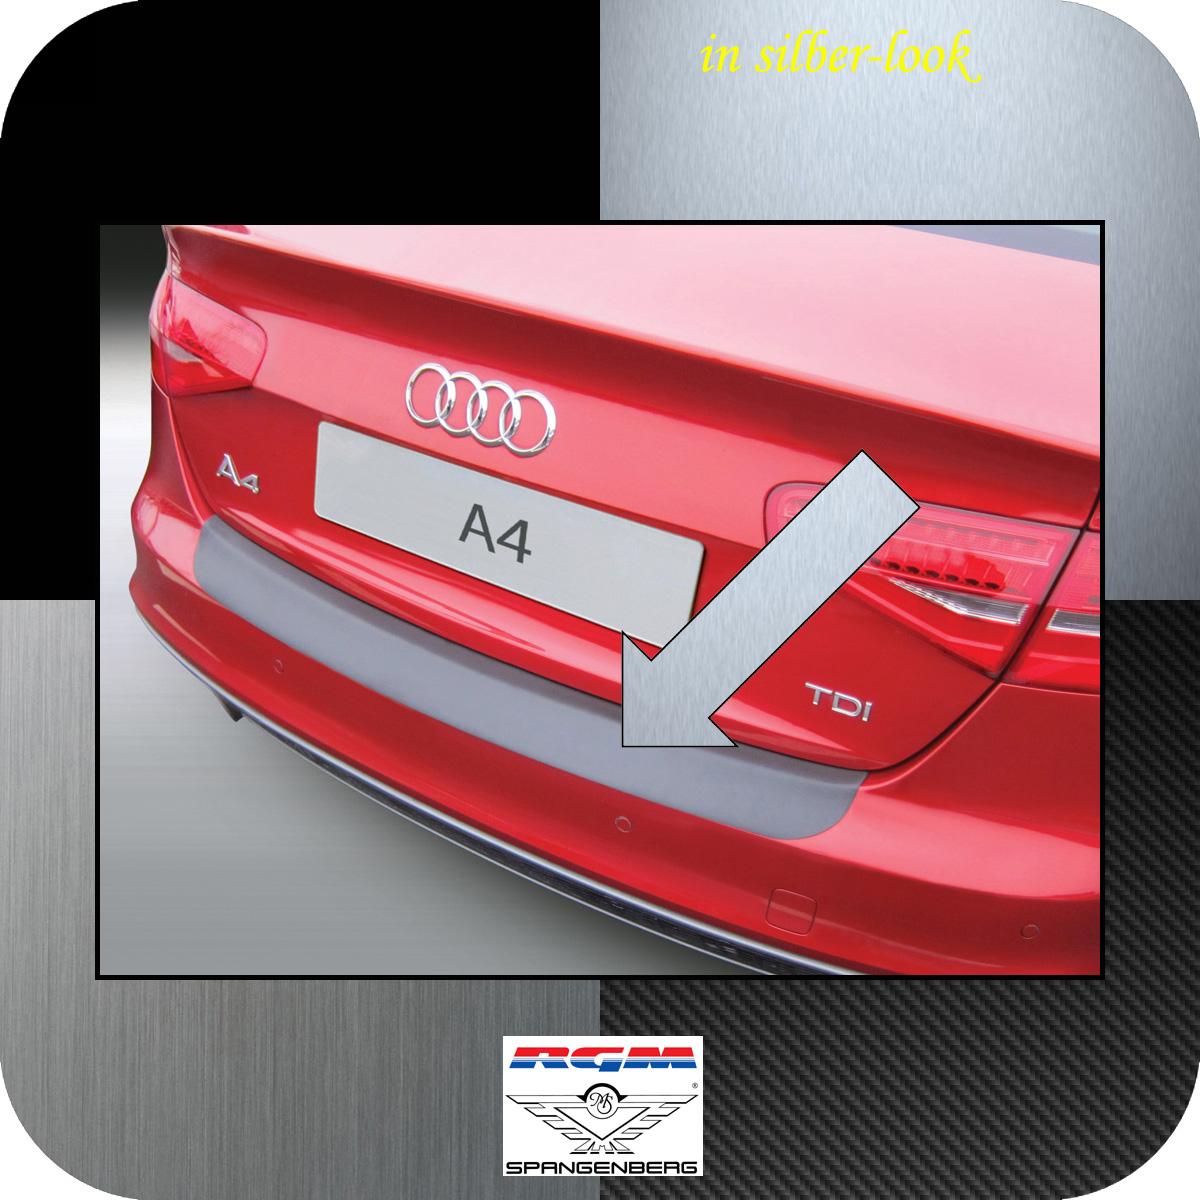 Ladekantenschutz Silber-Look Audi A4 B8 Limousine facelift 2012-2015 3506905